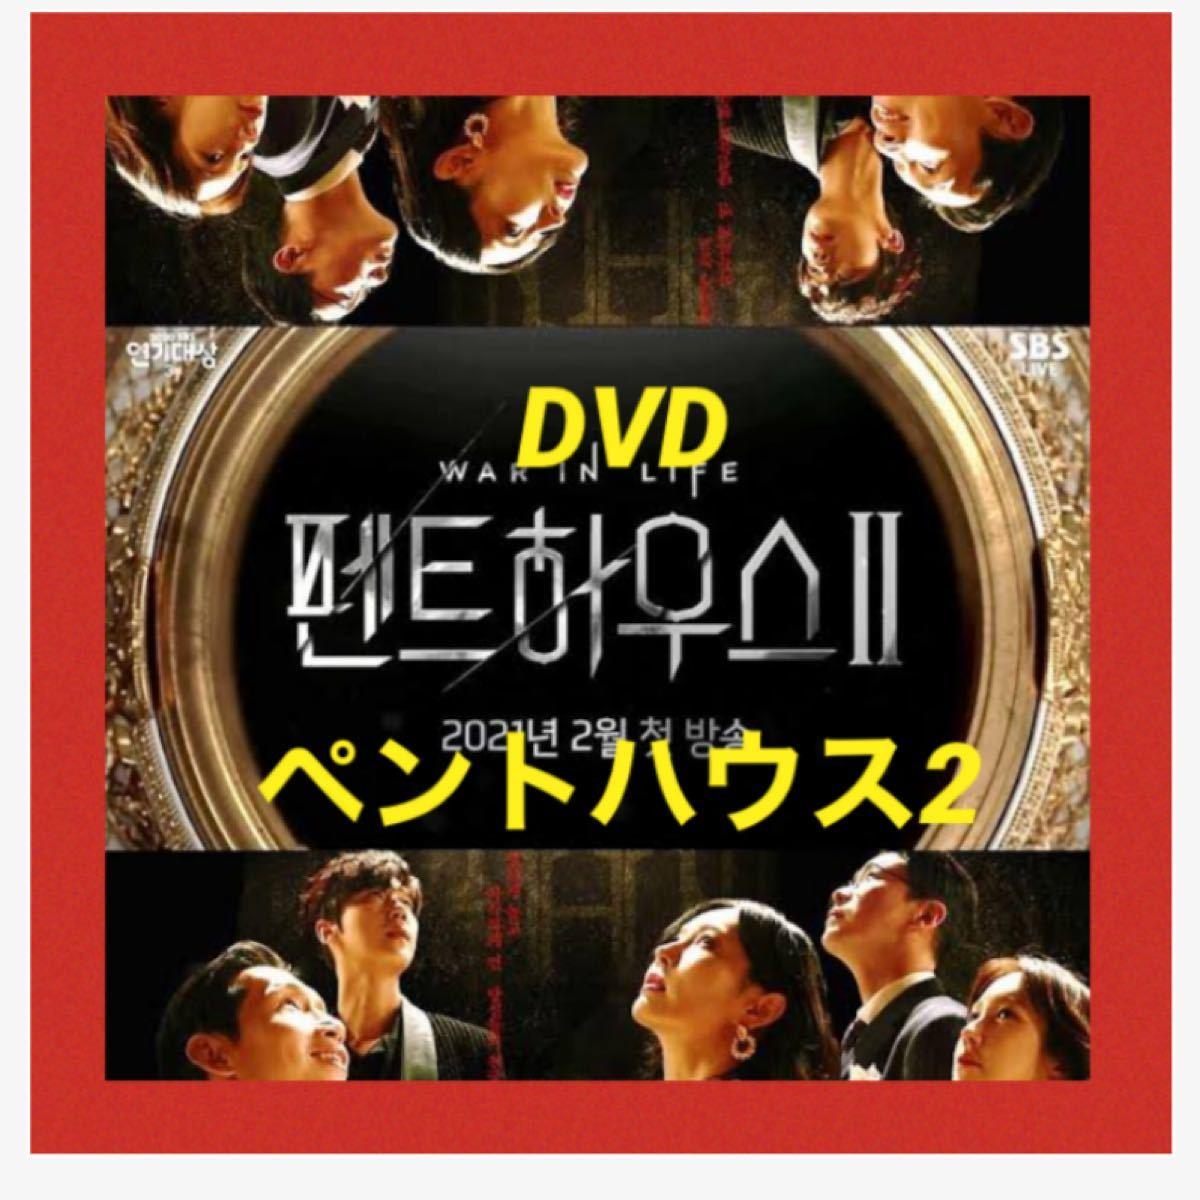 韓国ドラマ ペントハウス 2  DVD全話【レーベル印刷あり】